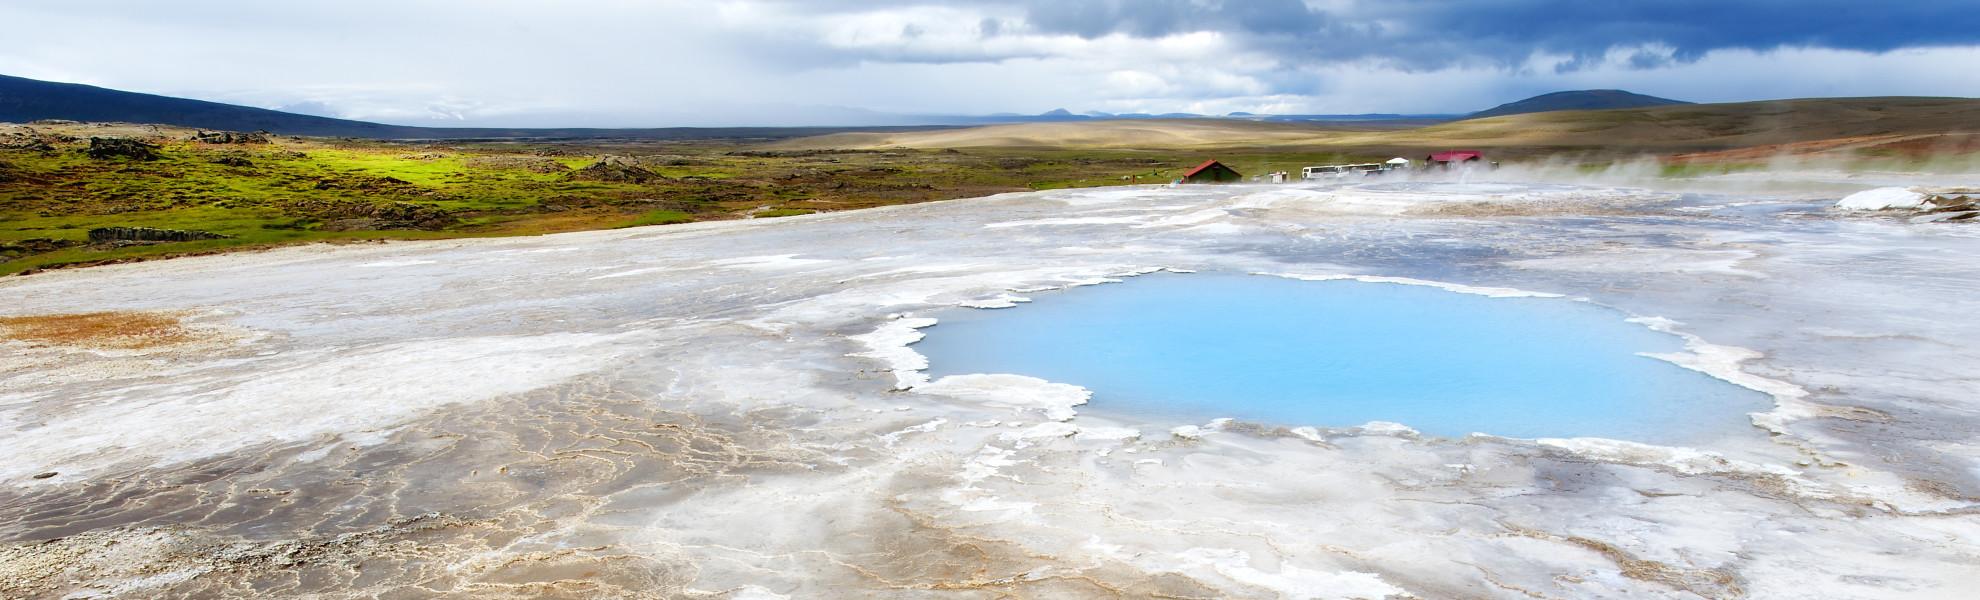 Island - idyllische Inselruhe